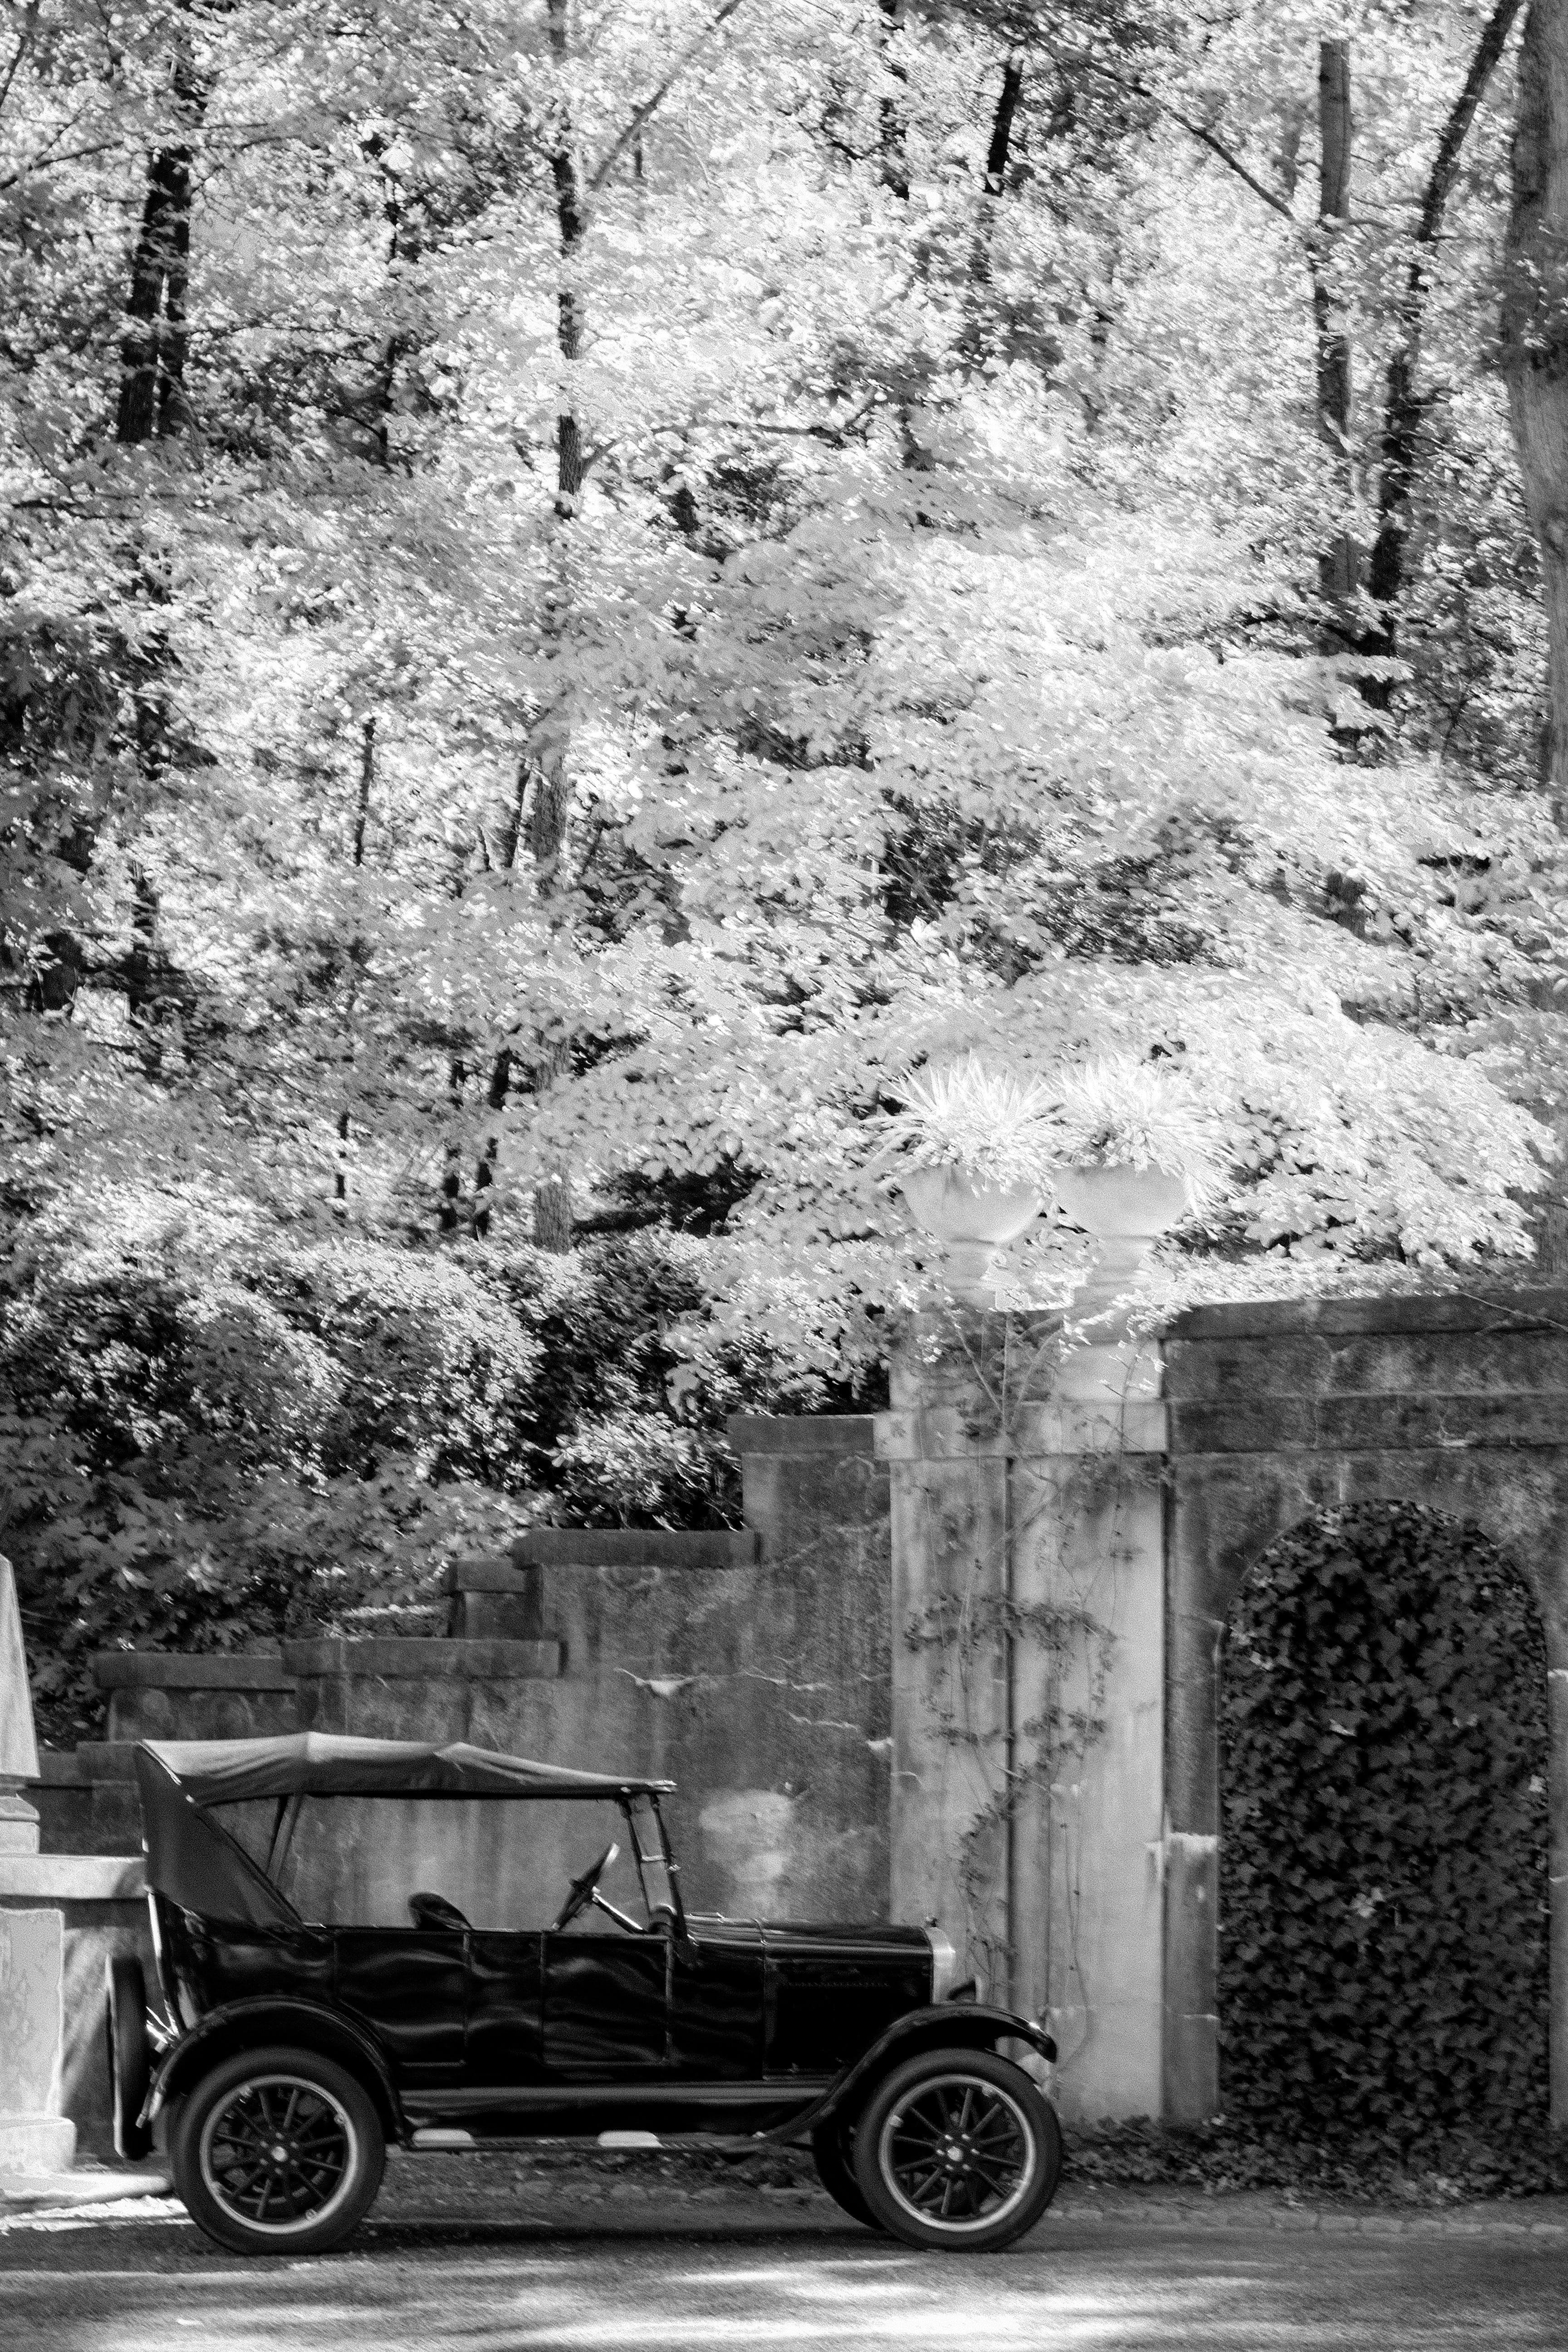 Δωρεάν στοκ φωτογραφιών με vintage αυτοκίνητο, δέντρα, δέντρο, ιστορικός